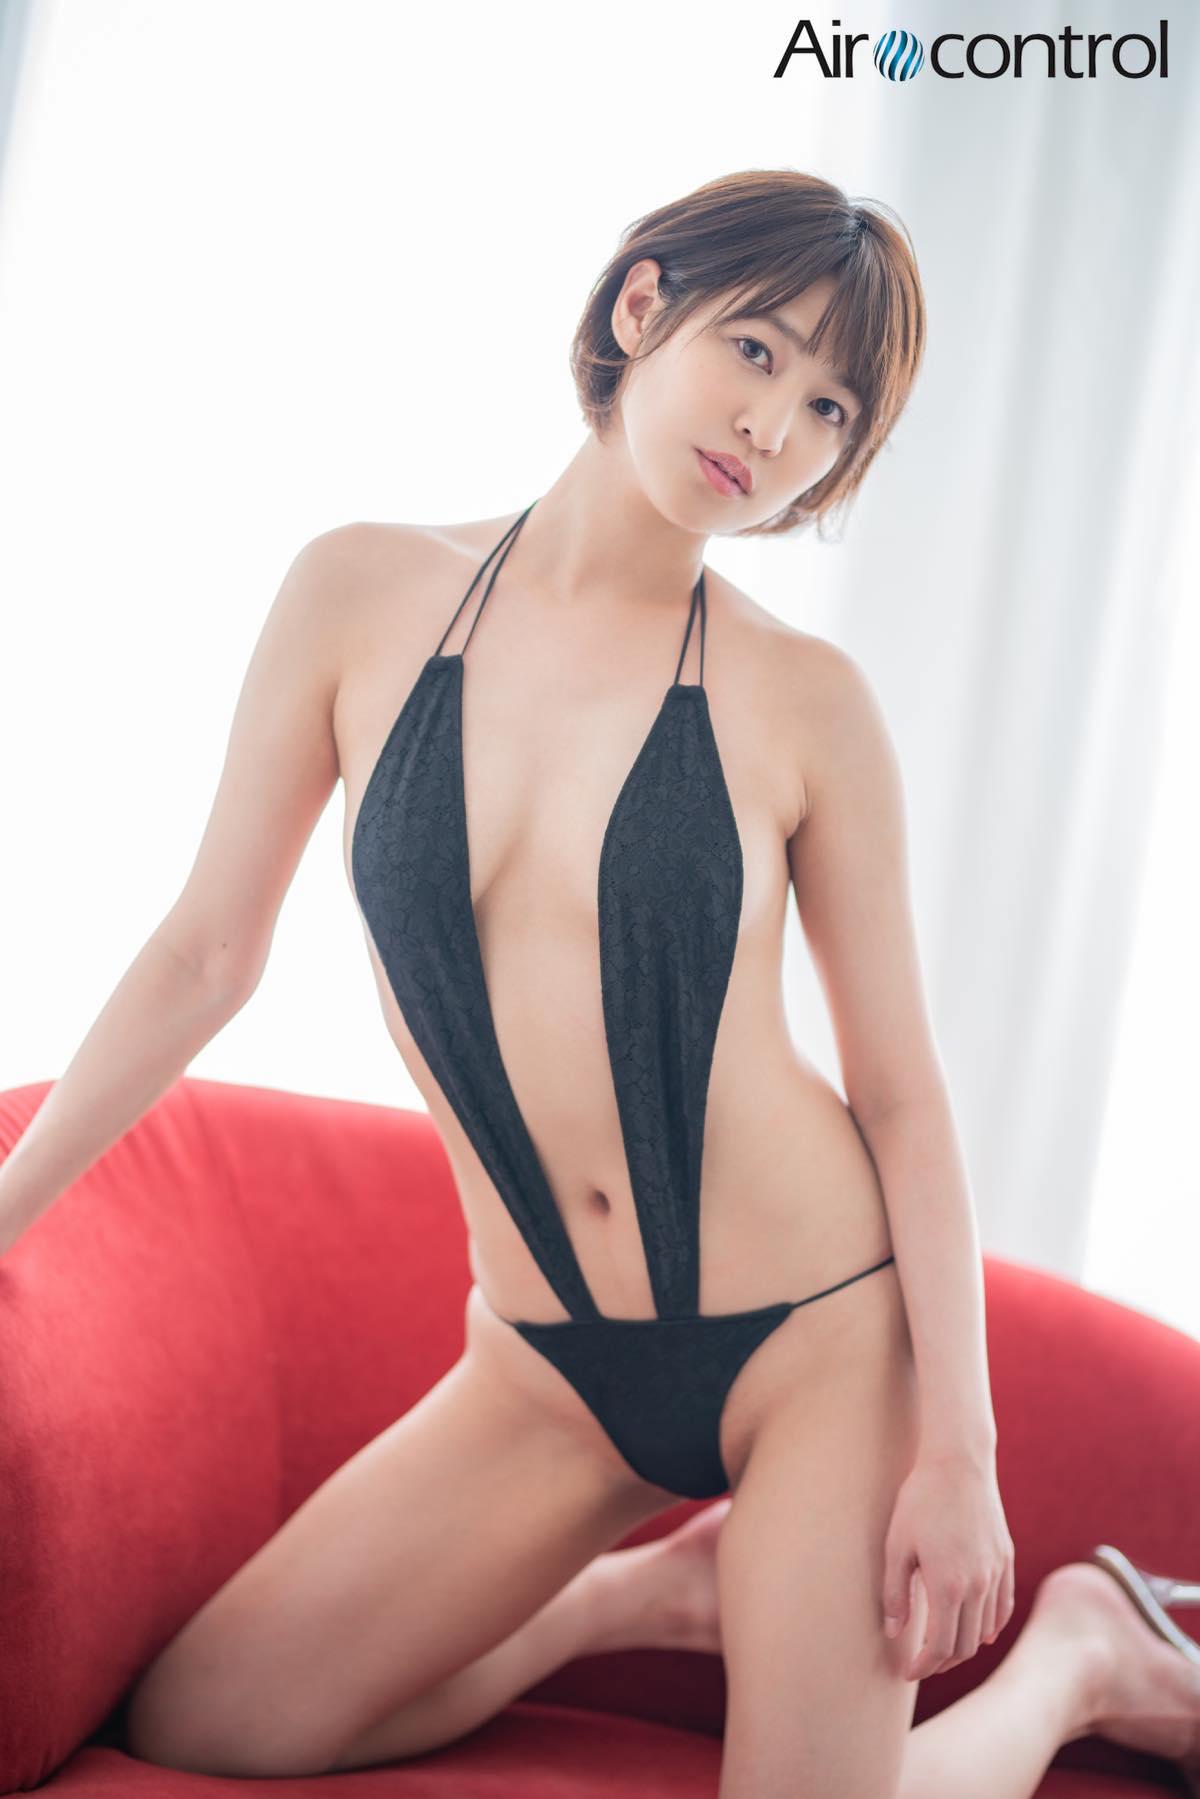 小柳歩の画像 p1_34